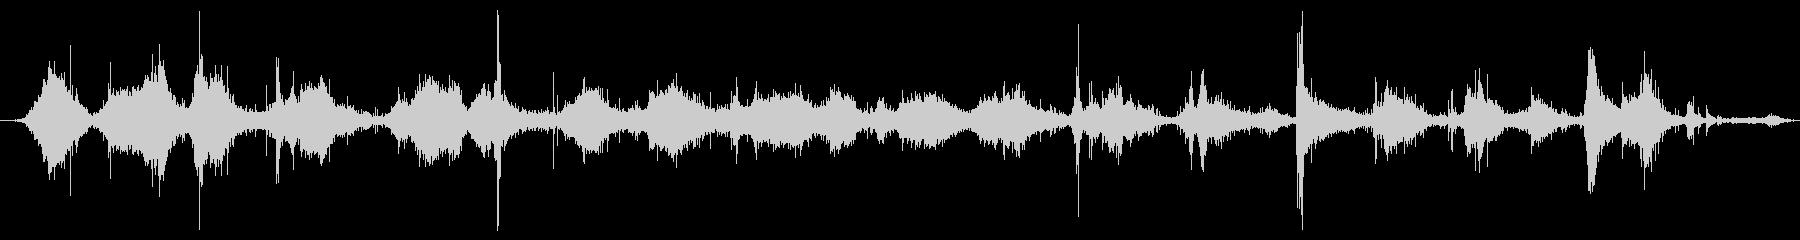 ハードメタルレーキ:レーキリーフ、...の未再生の波形